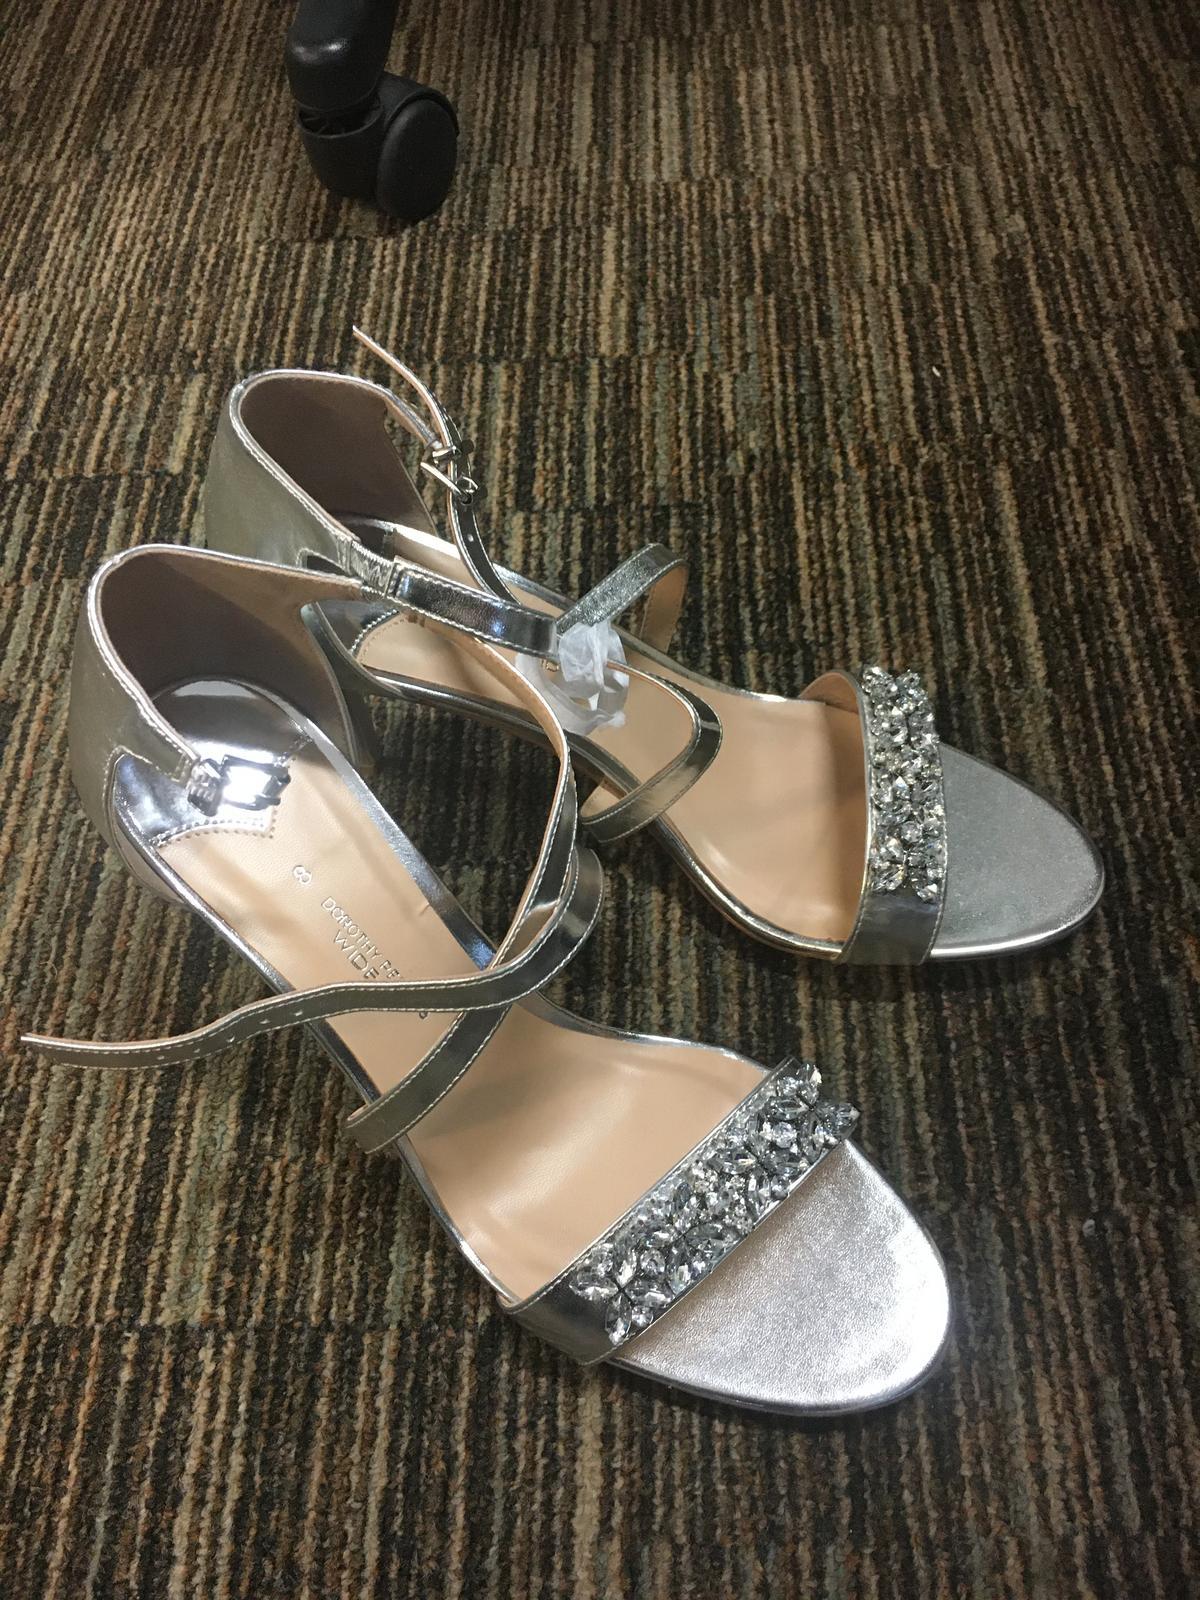 Strieborné elegantné topánky Dorothy Perkins - Obrázok č. 1